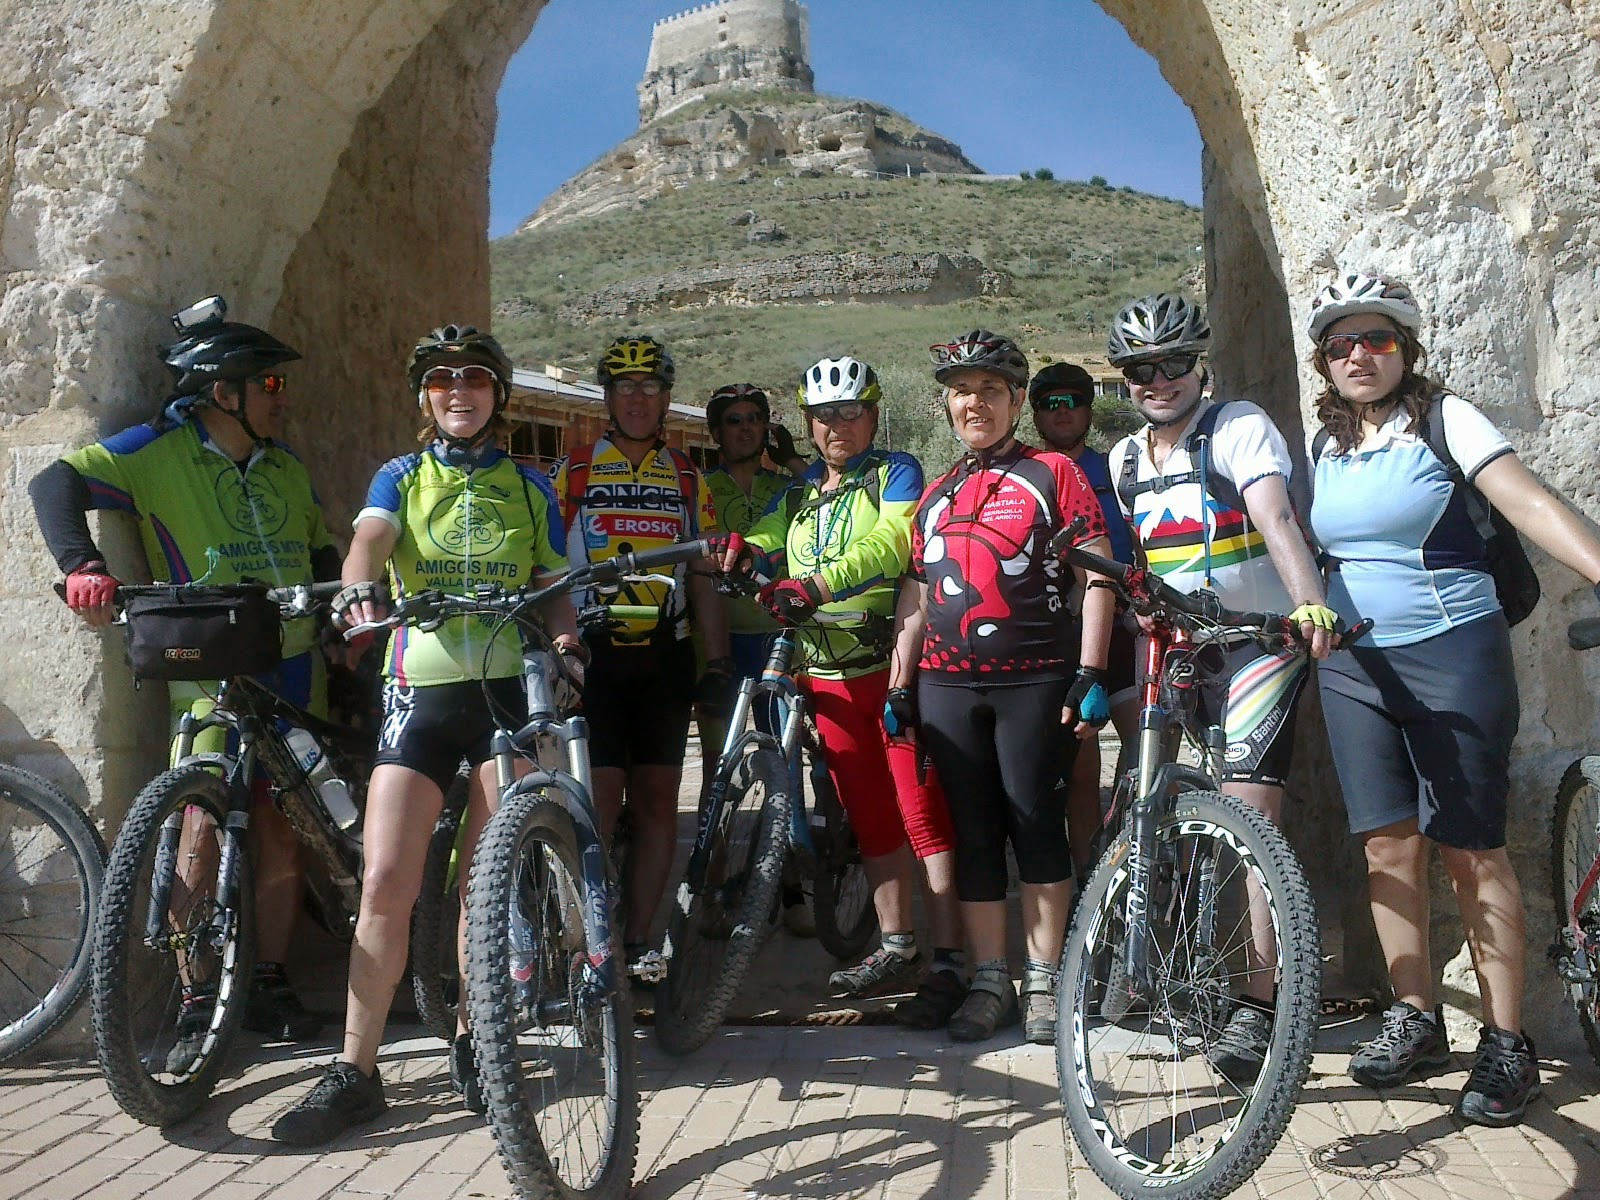 Marcha al Valle del Esgueva; Embalse de Encinas; Curiel de Duero y las Pinzas.